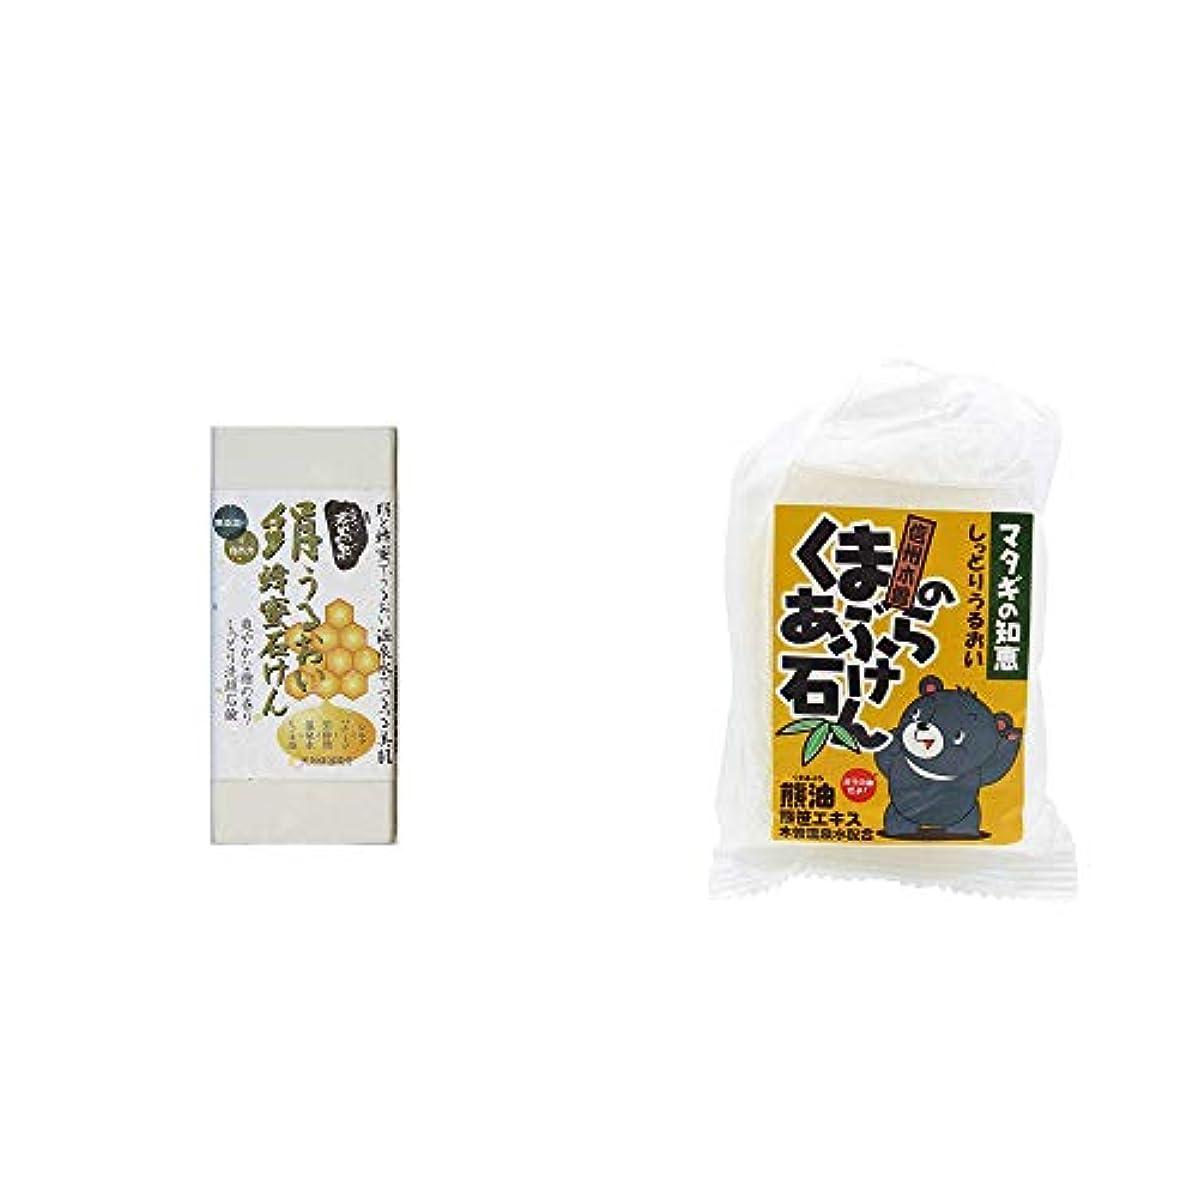 吸い込むペフ単調な[2点セット] ひのき炭黒泉 絹うるおい蜂蜜石けん(75g×2)?信州木曽 くまのあぶら石けん(80g)